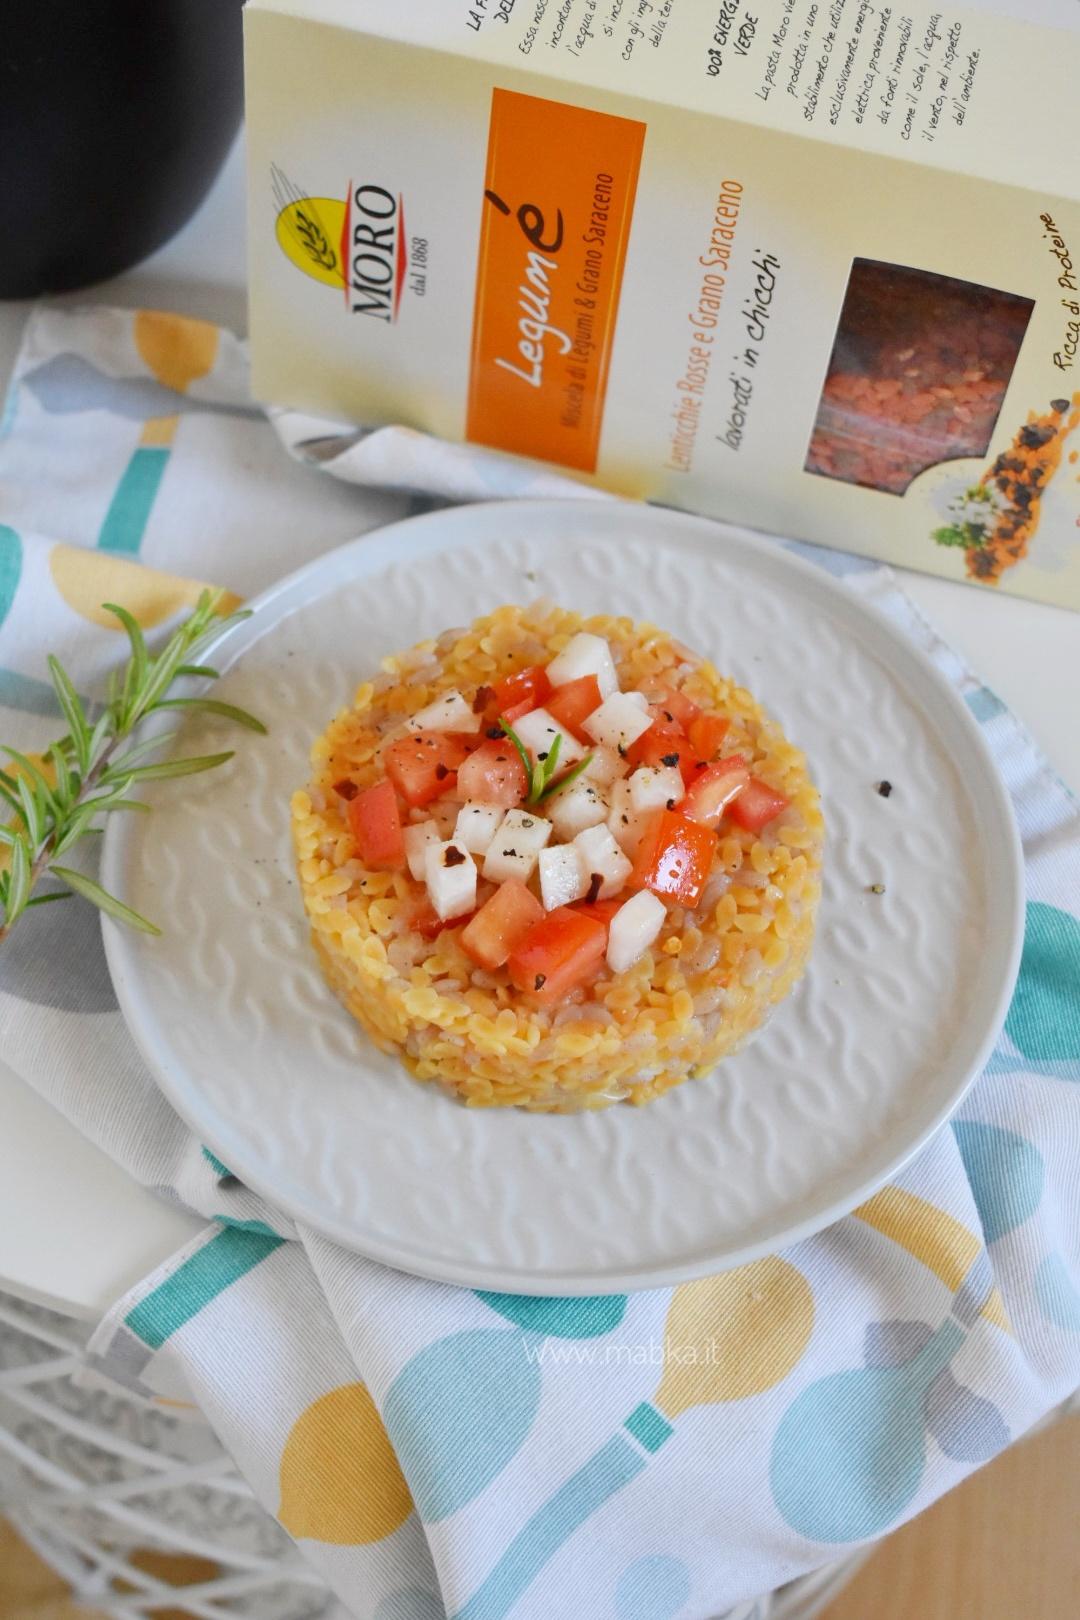 Legumè con pomodori e daikon senza lattosio